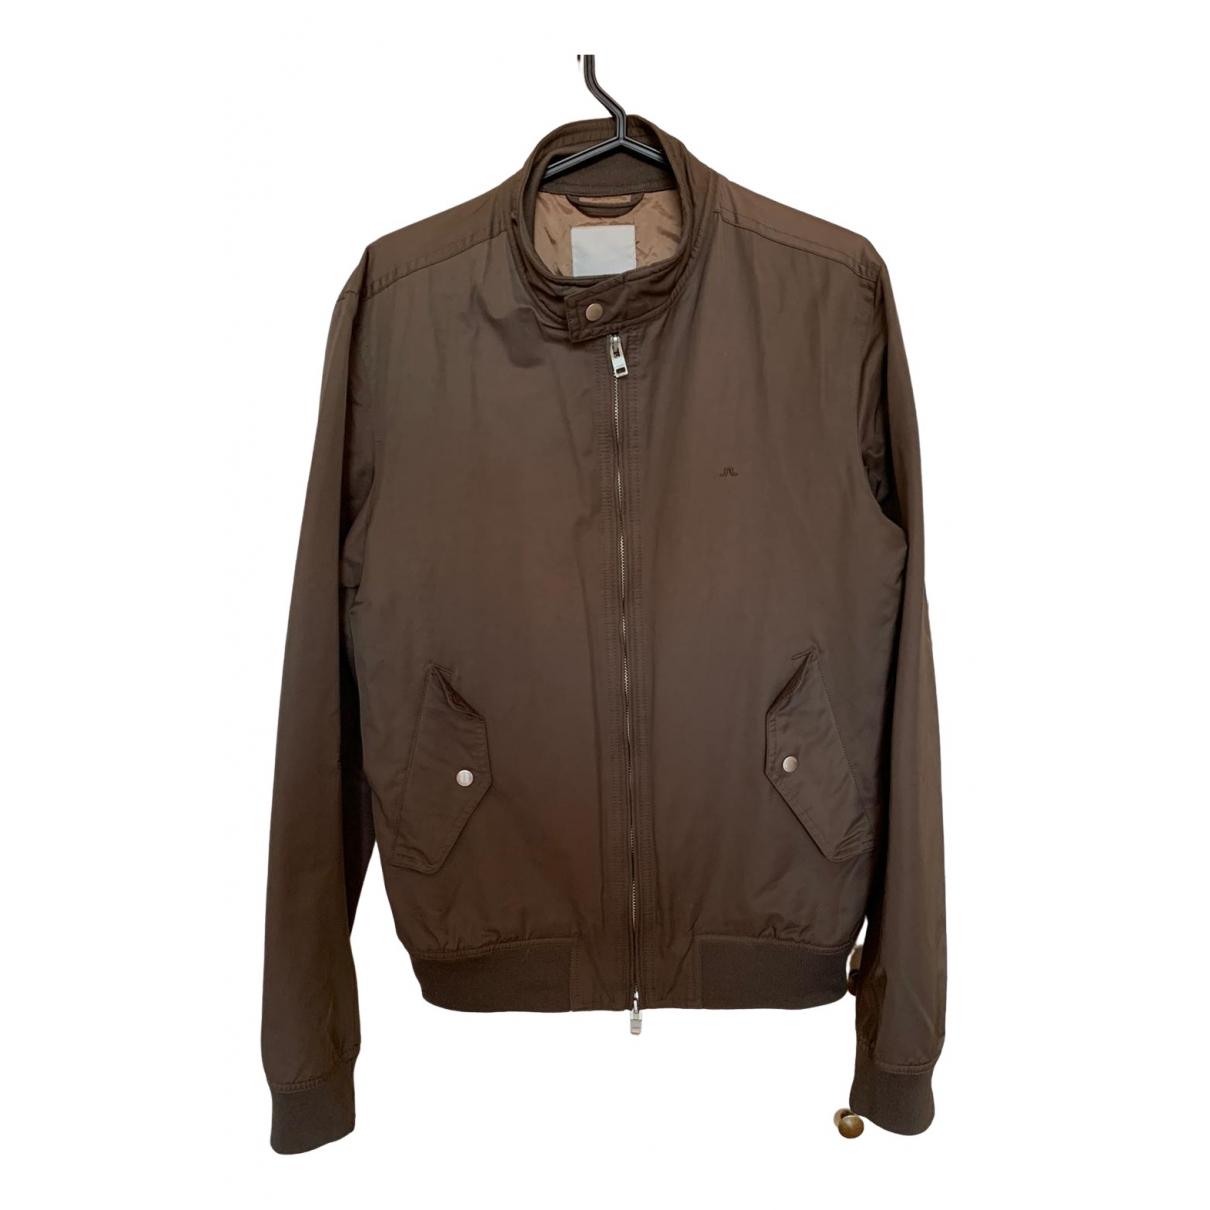 J.lindeberg \N Brown jacket  for Men S International